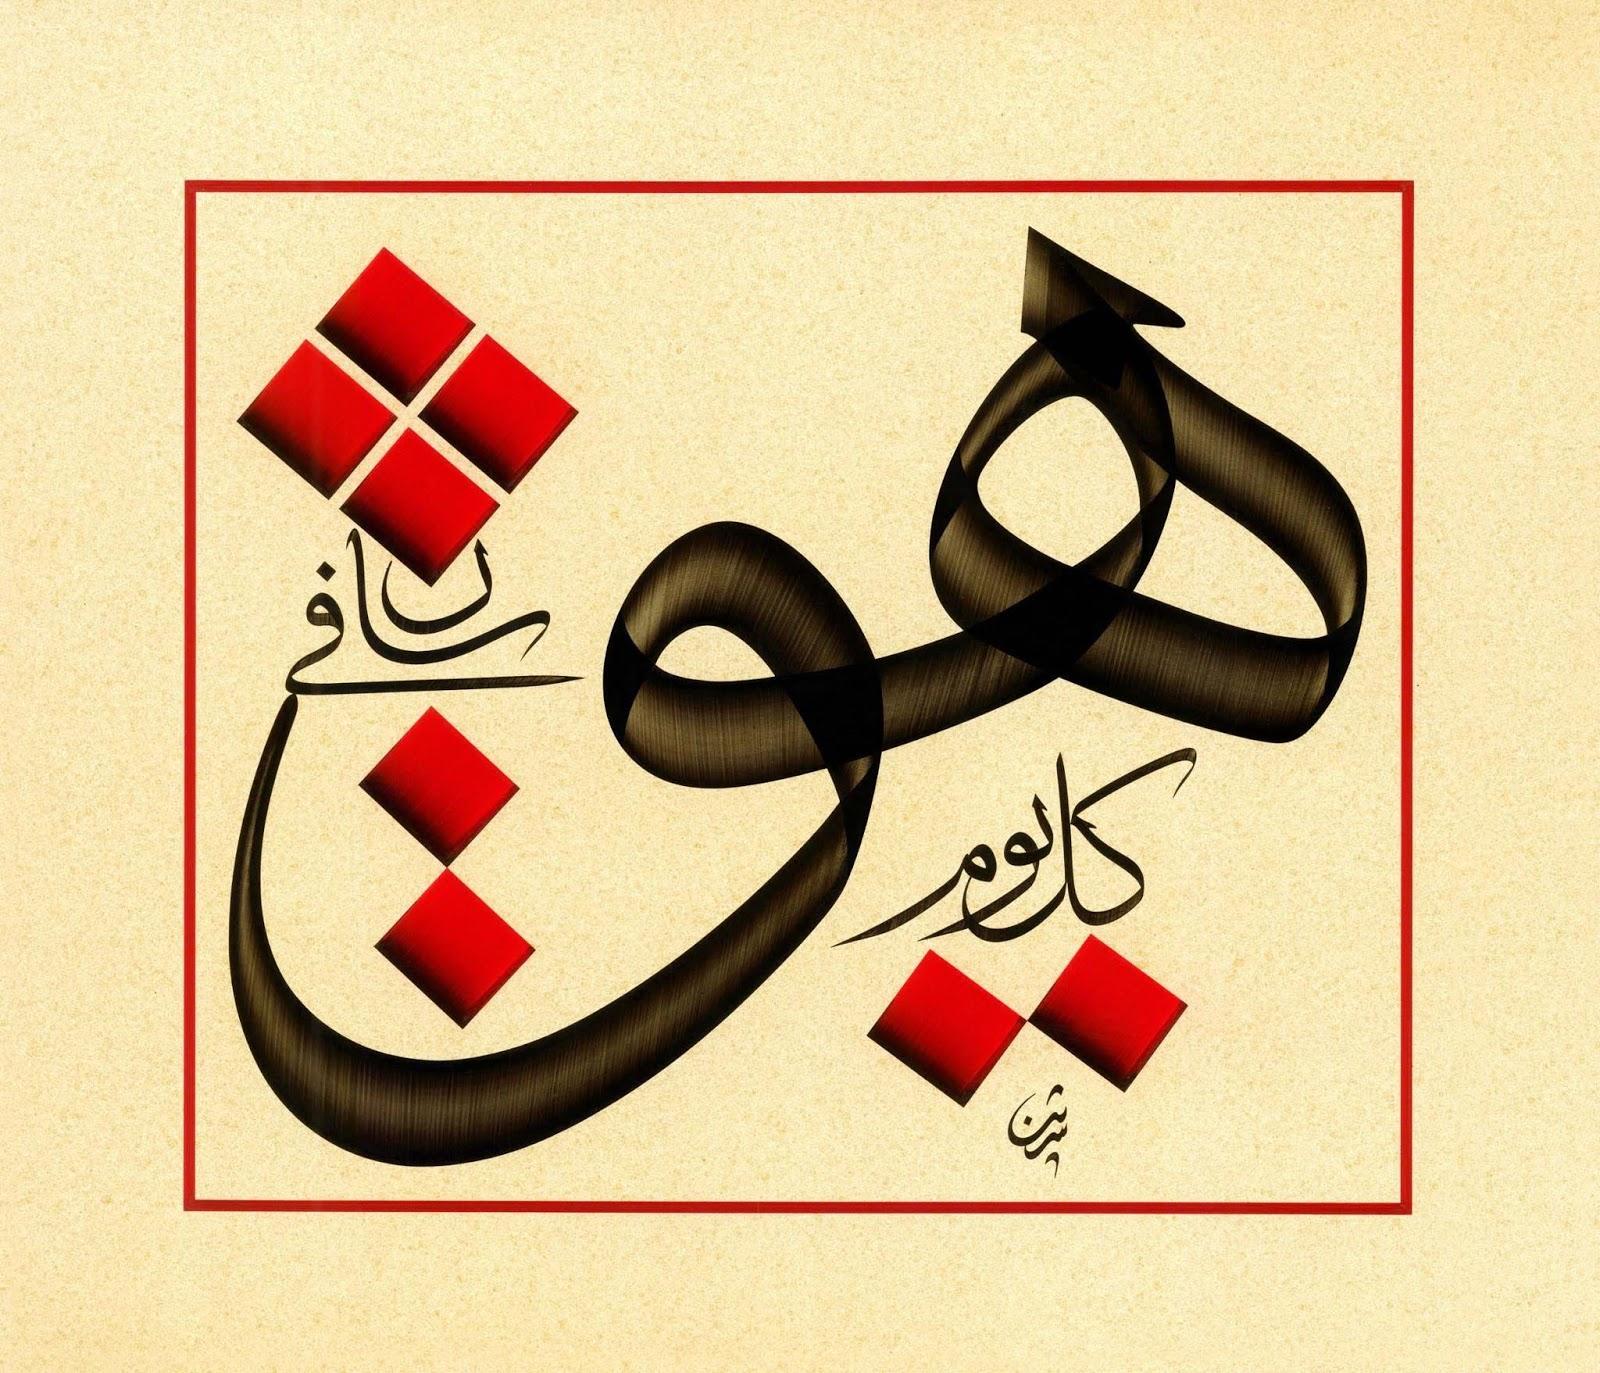 دقة الحروف في الخط العربي